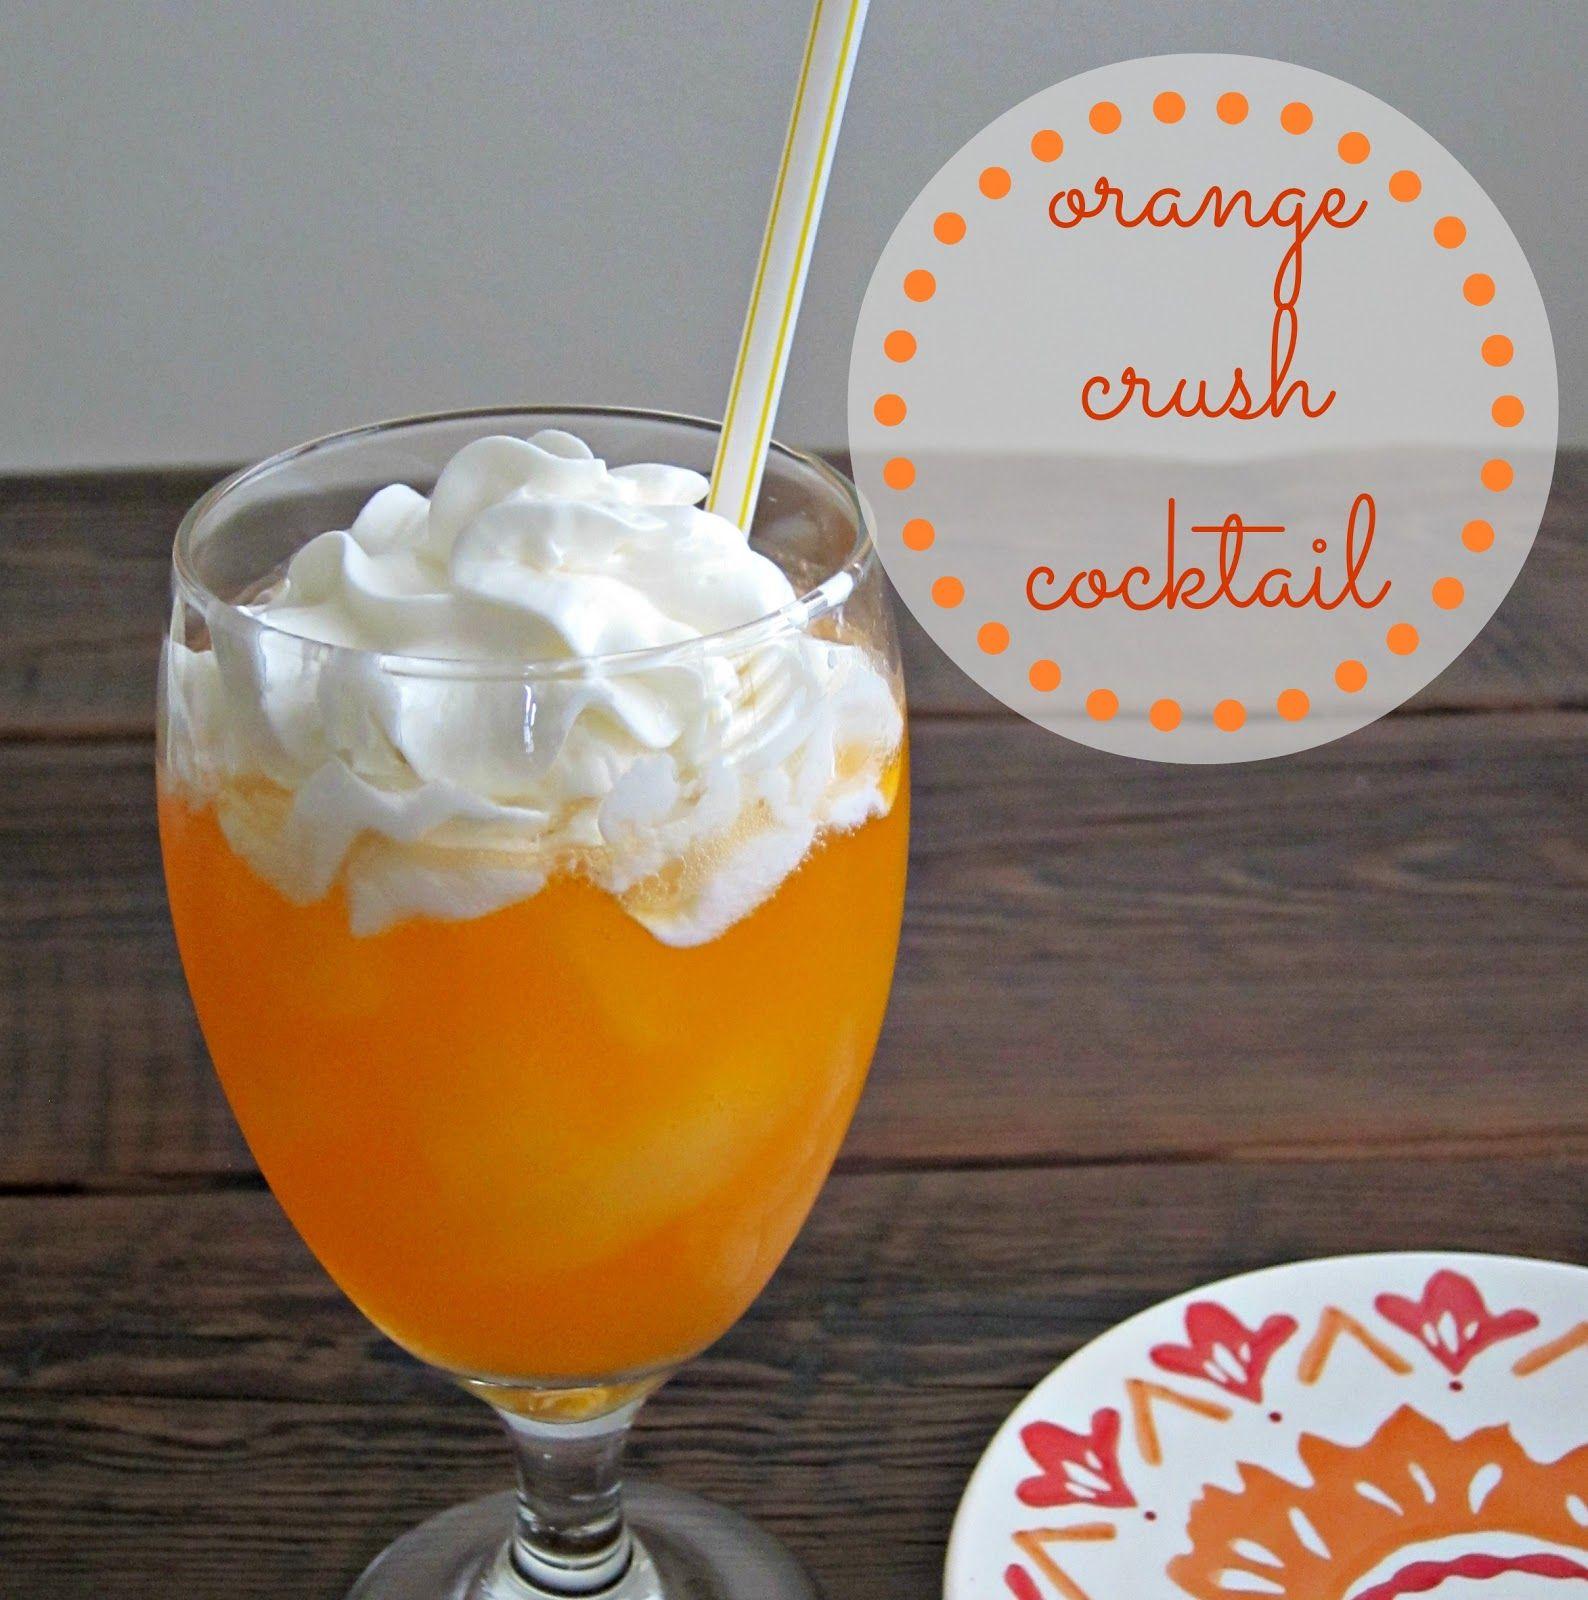 Crush Orage Ice Cream Topping Sold Where Orange Crush